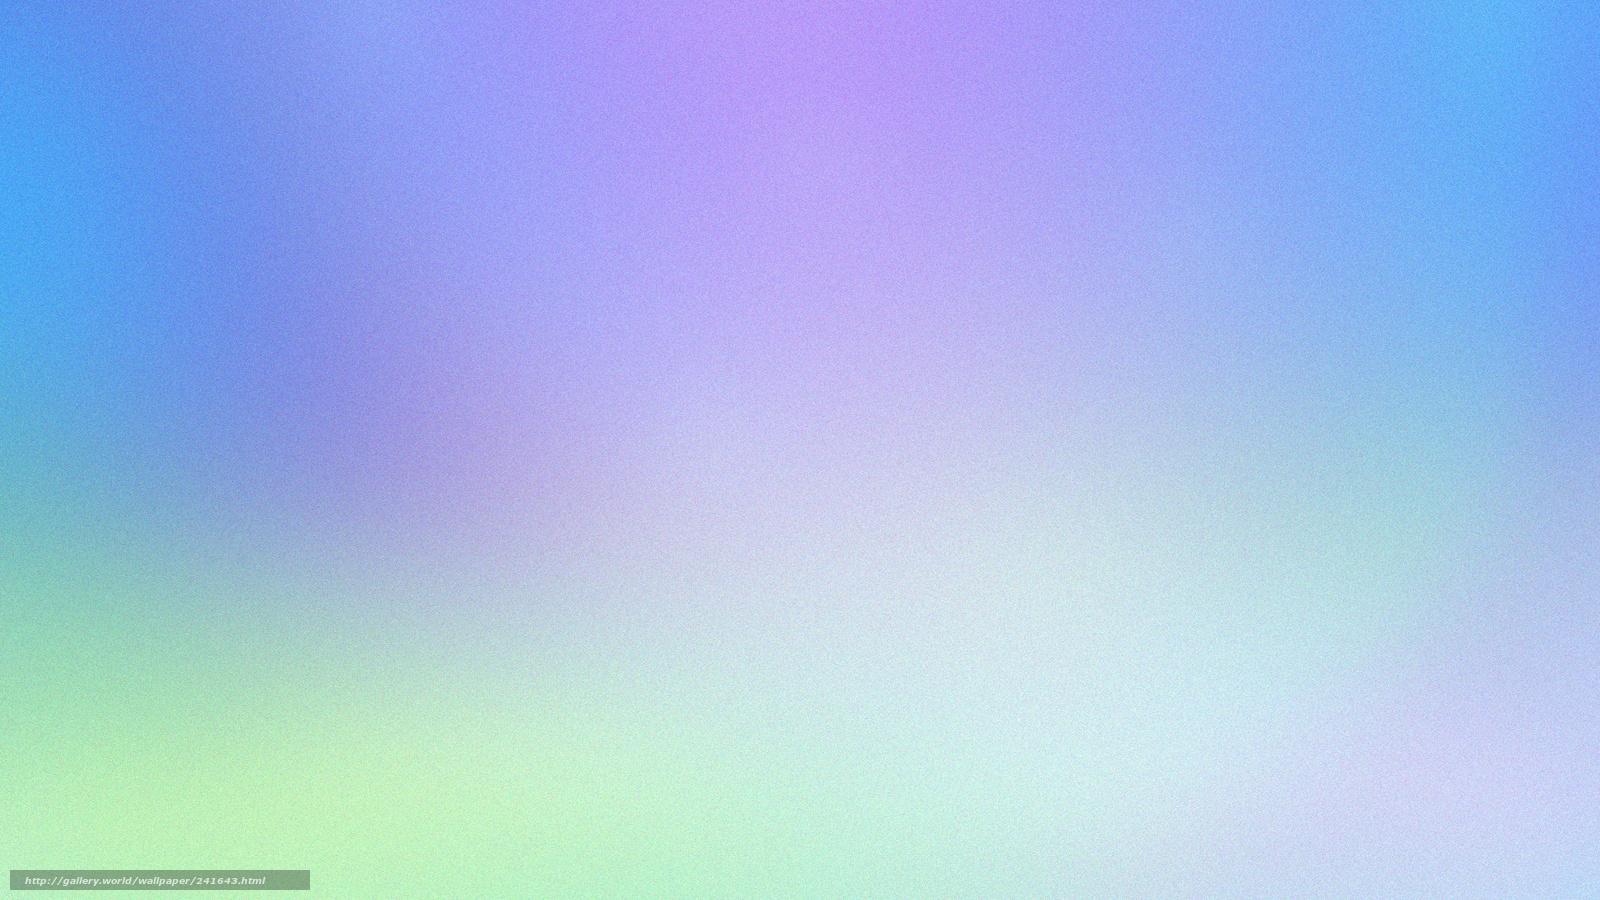 tlcharger fond d 39 ecran couleur violet bleu vert fonds d 39 ecran gratuits pour votre rsolution. Black Bedroom Furniture Sets. Home Design Ideas